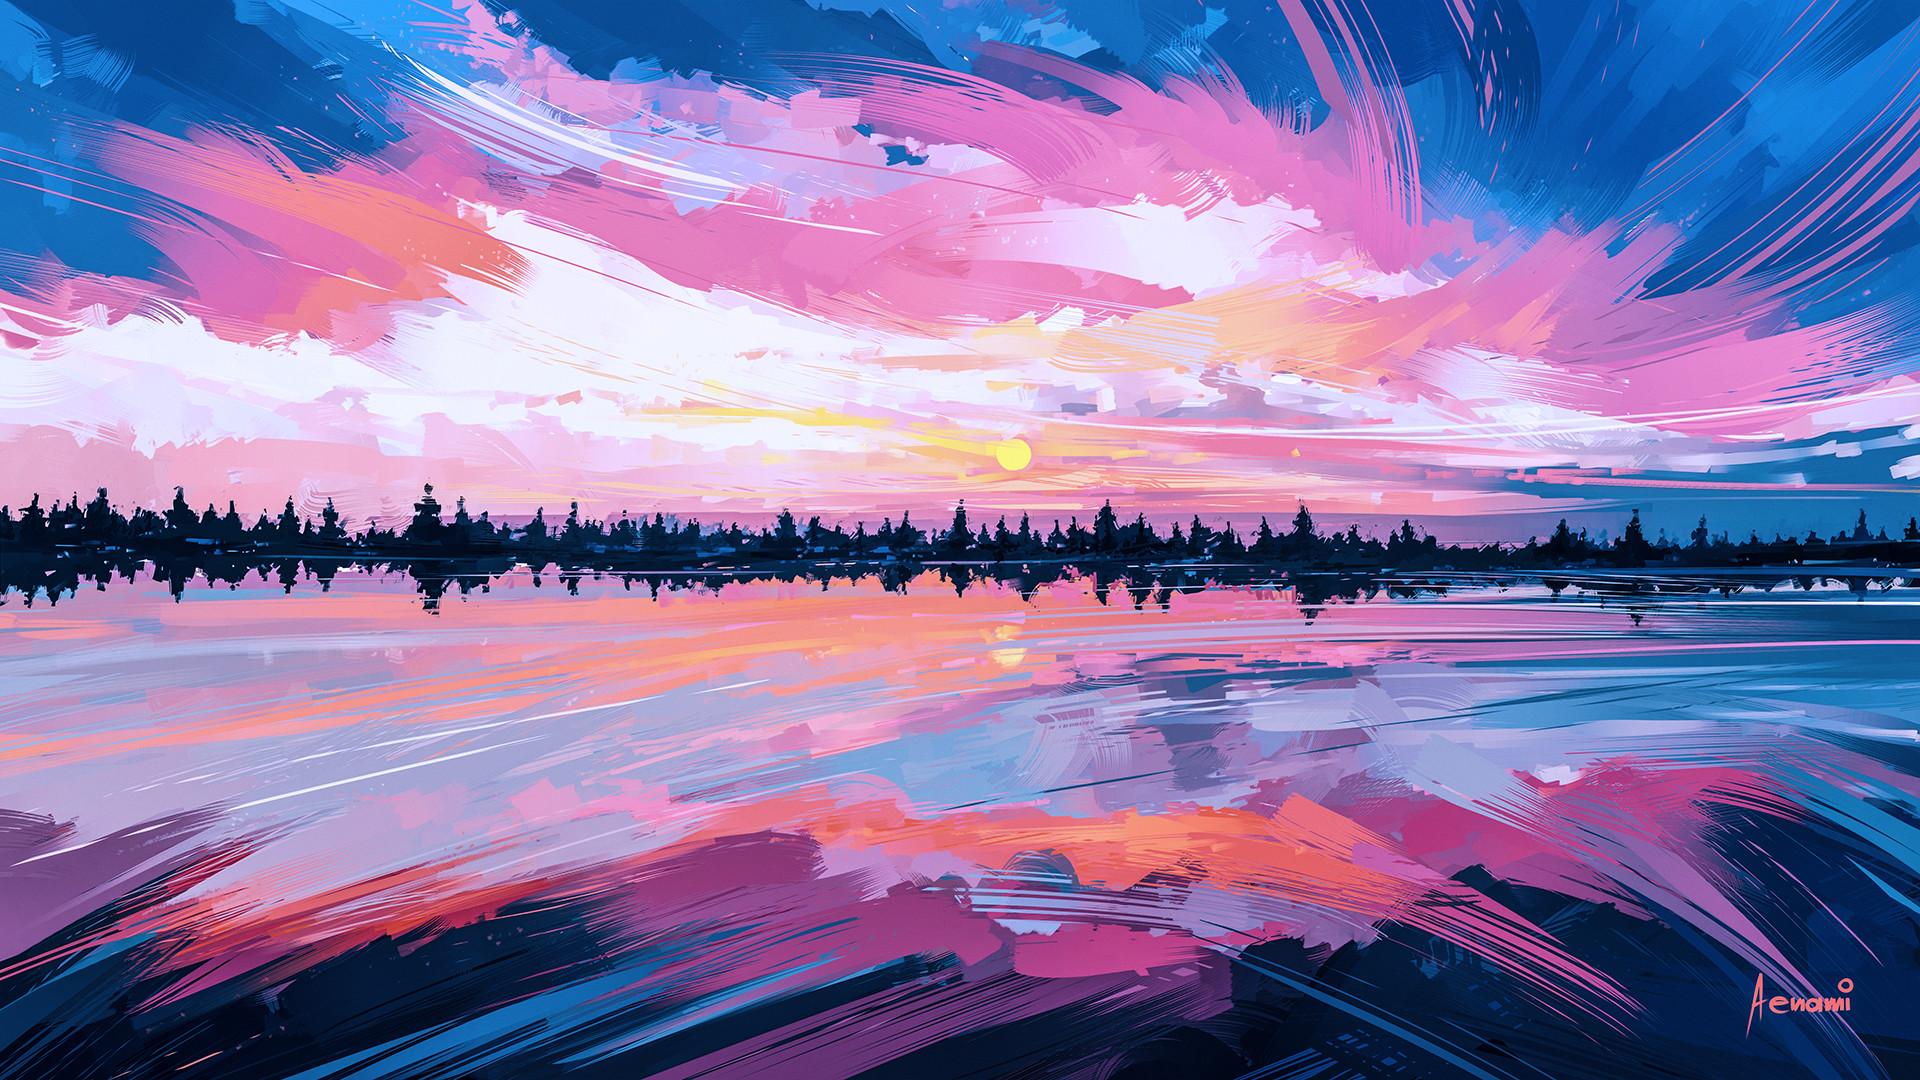 Les ambiances pleines d'émotion en digital painting d'Alena Aenami